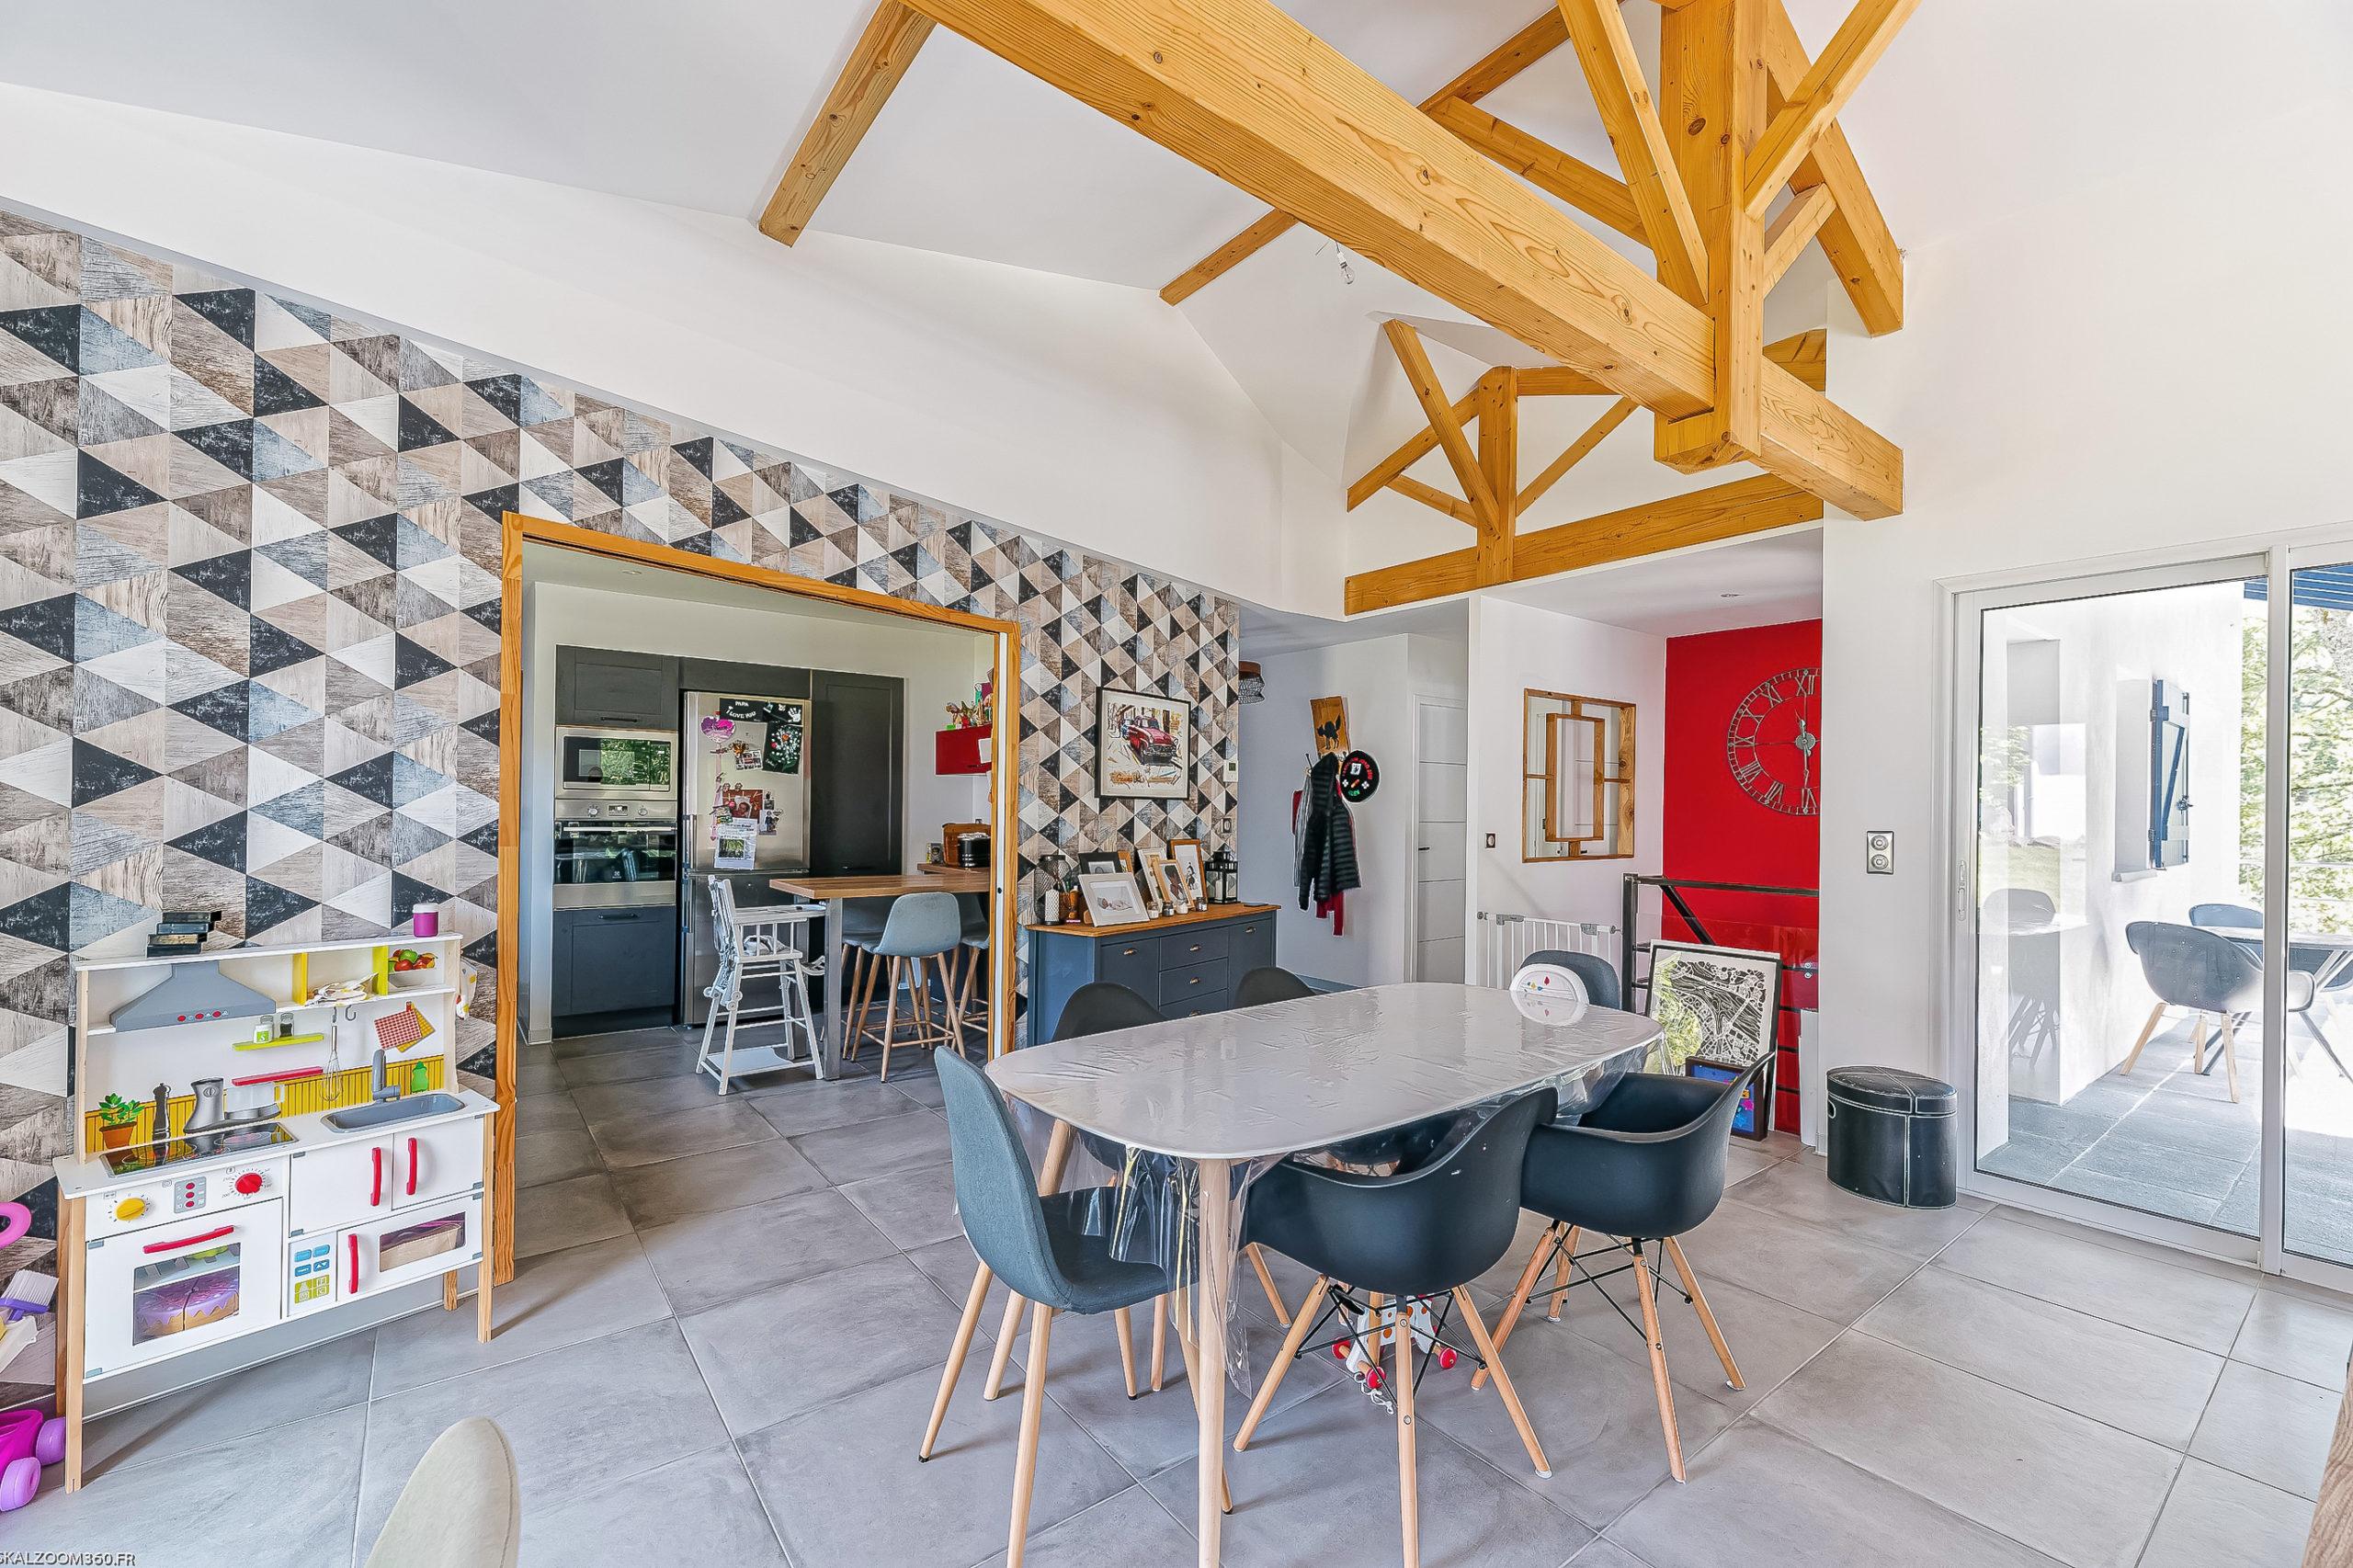 Plurielles architectures réalisation d'une maison neuve à Saint Pierre d'Irube piéce à vivre